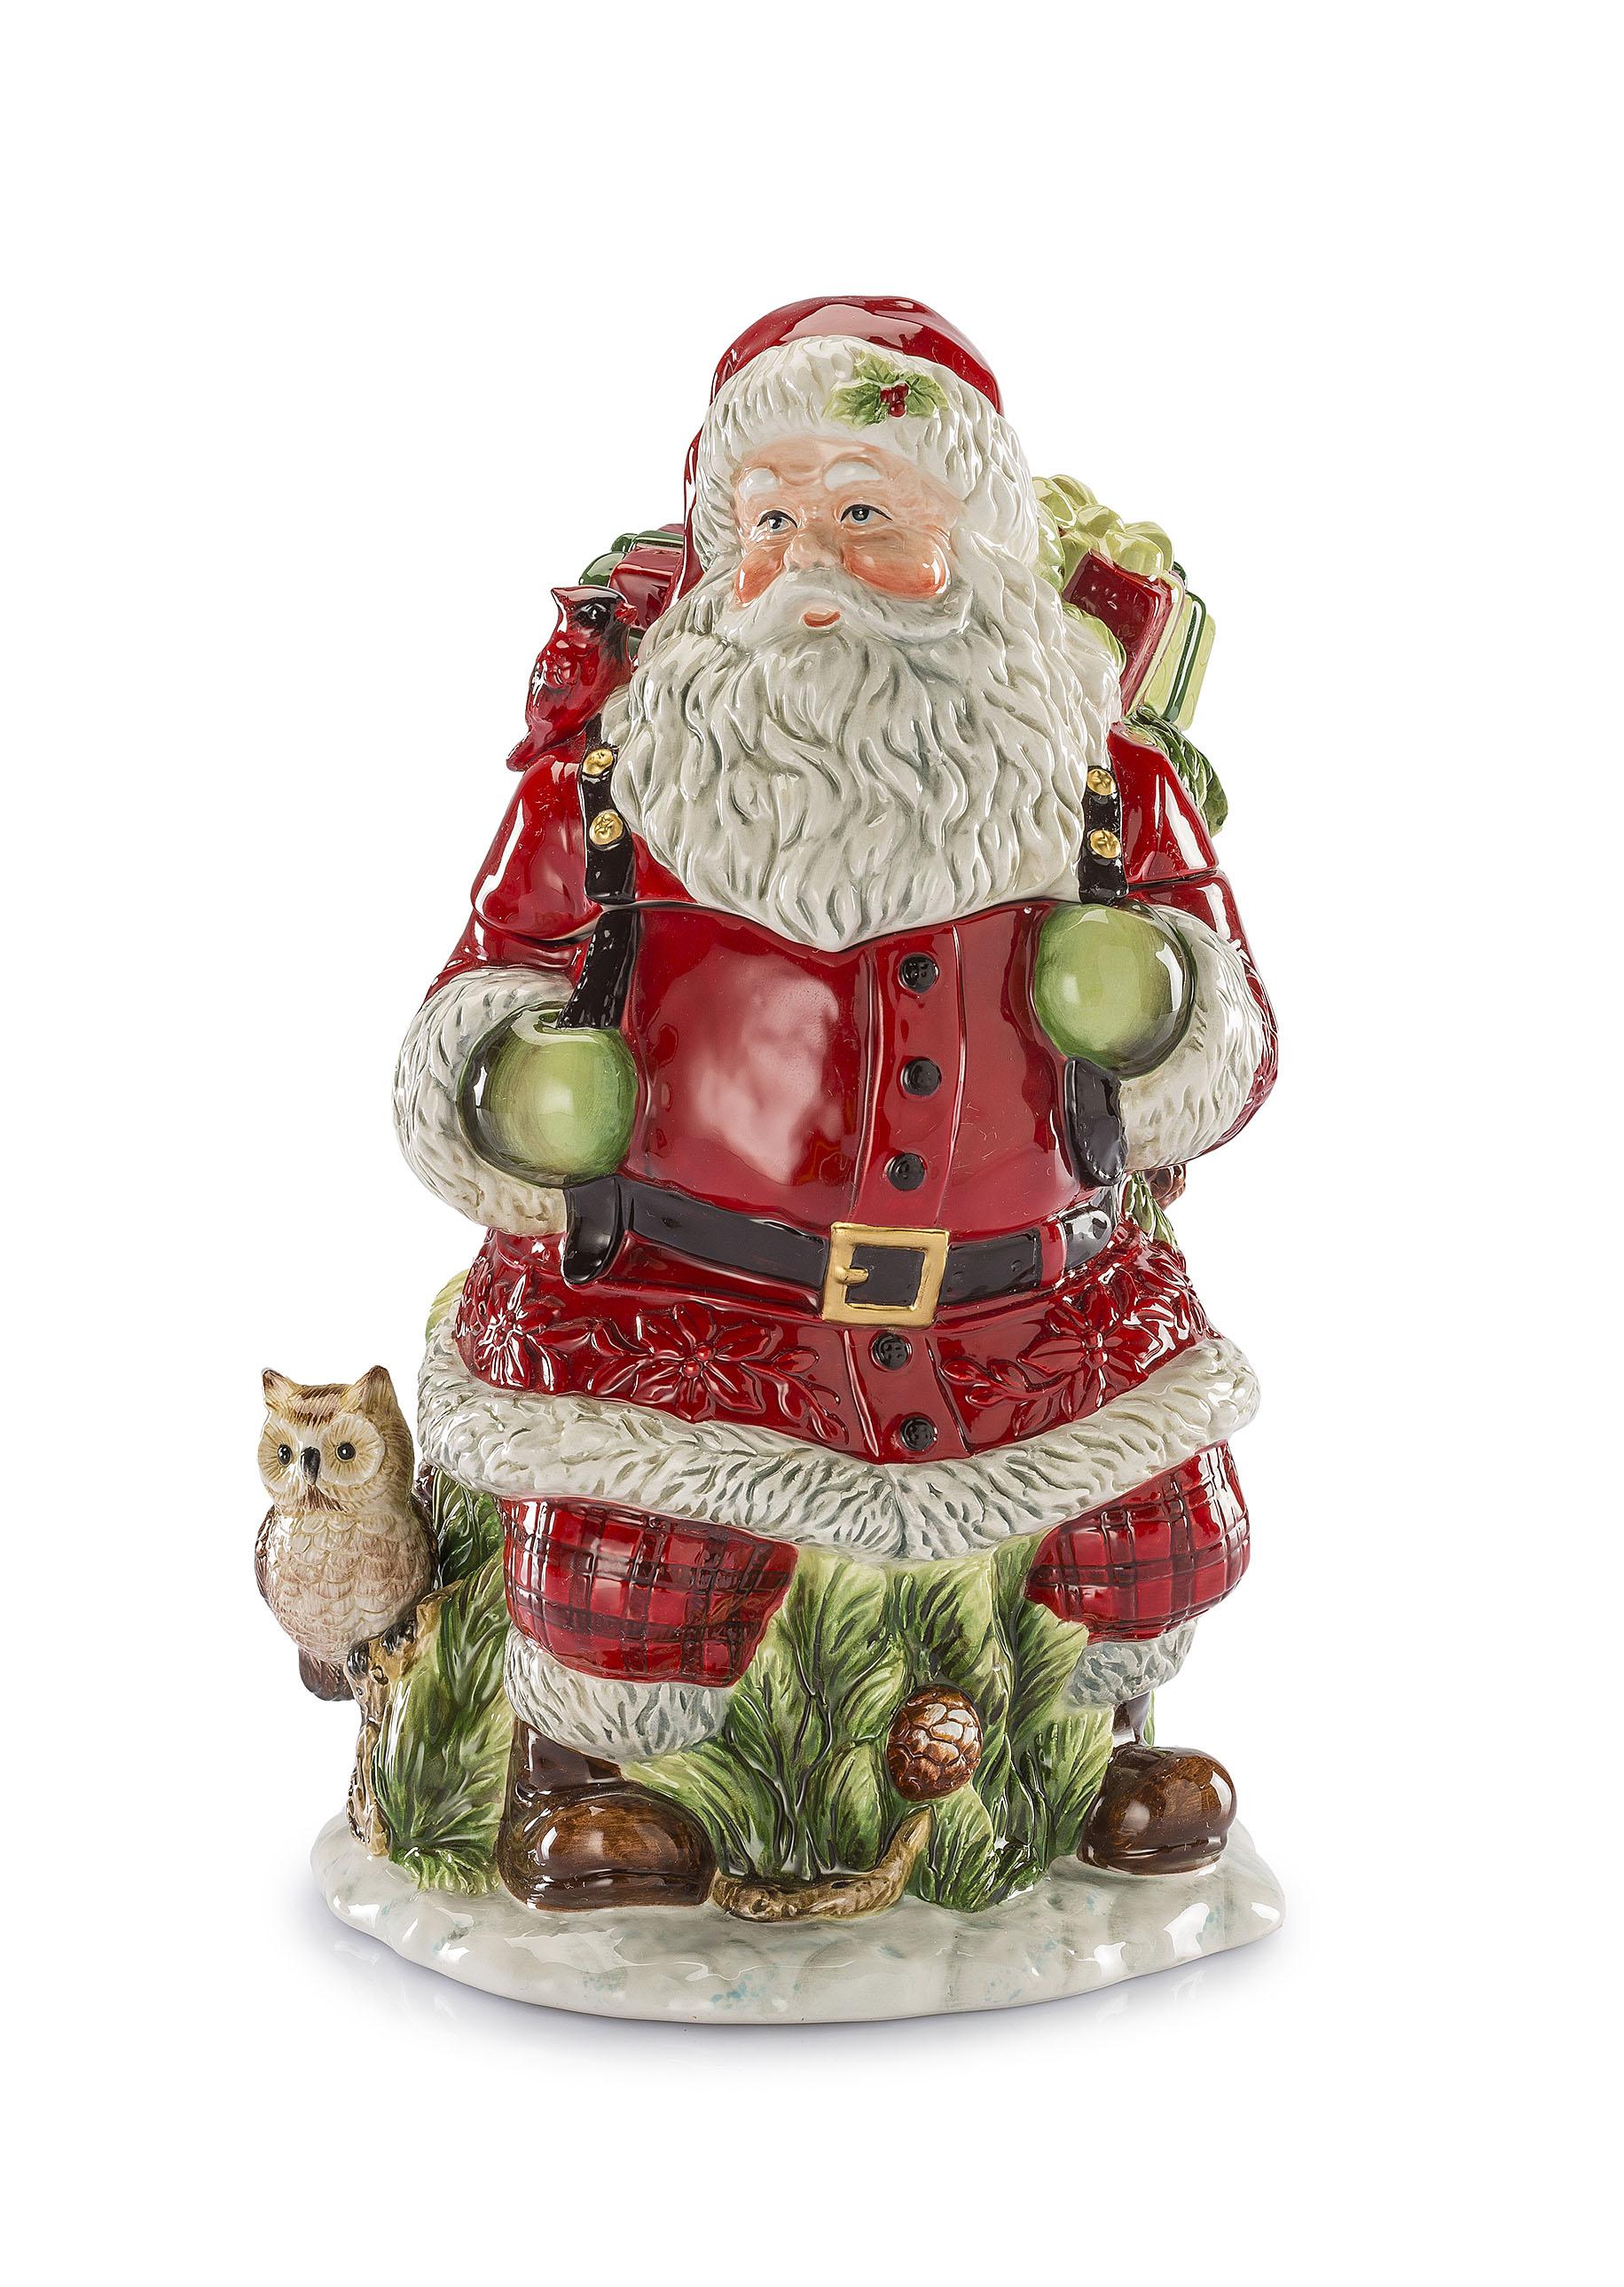 Palais Royal Ceramiche Prezzi.Scatola Babbo Natale In Ceramica Hcm32 Natale By Palais Royal